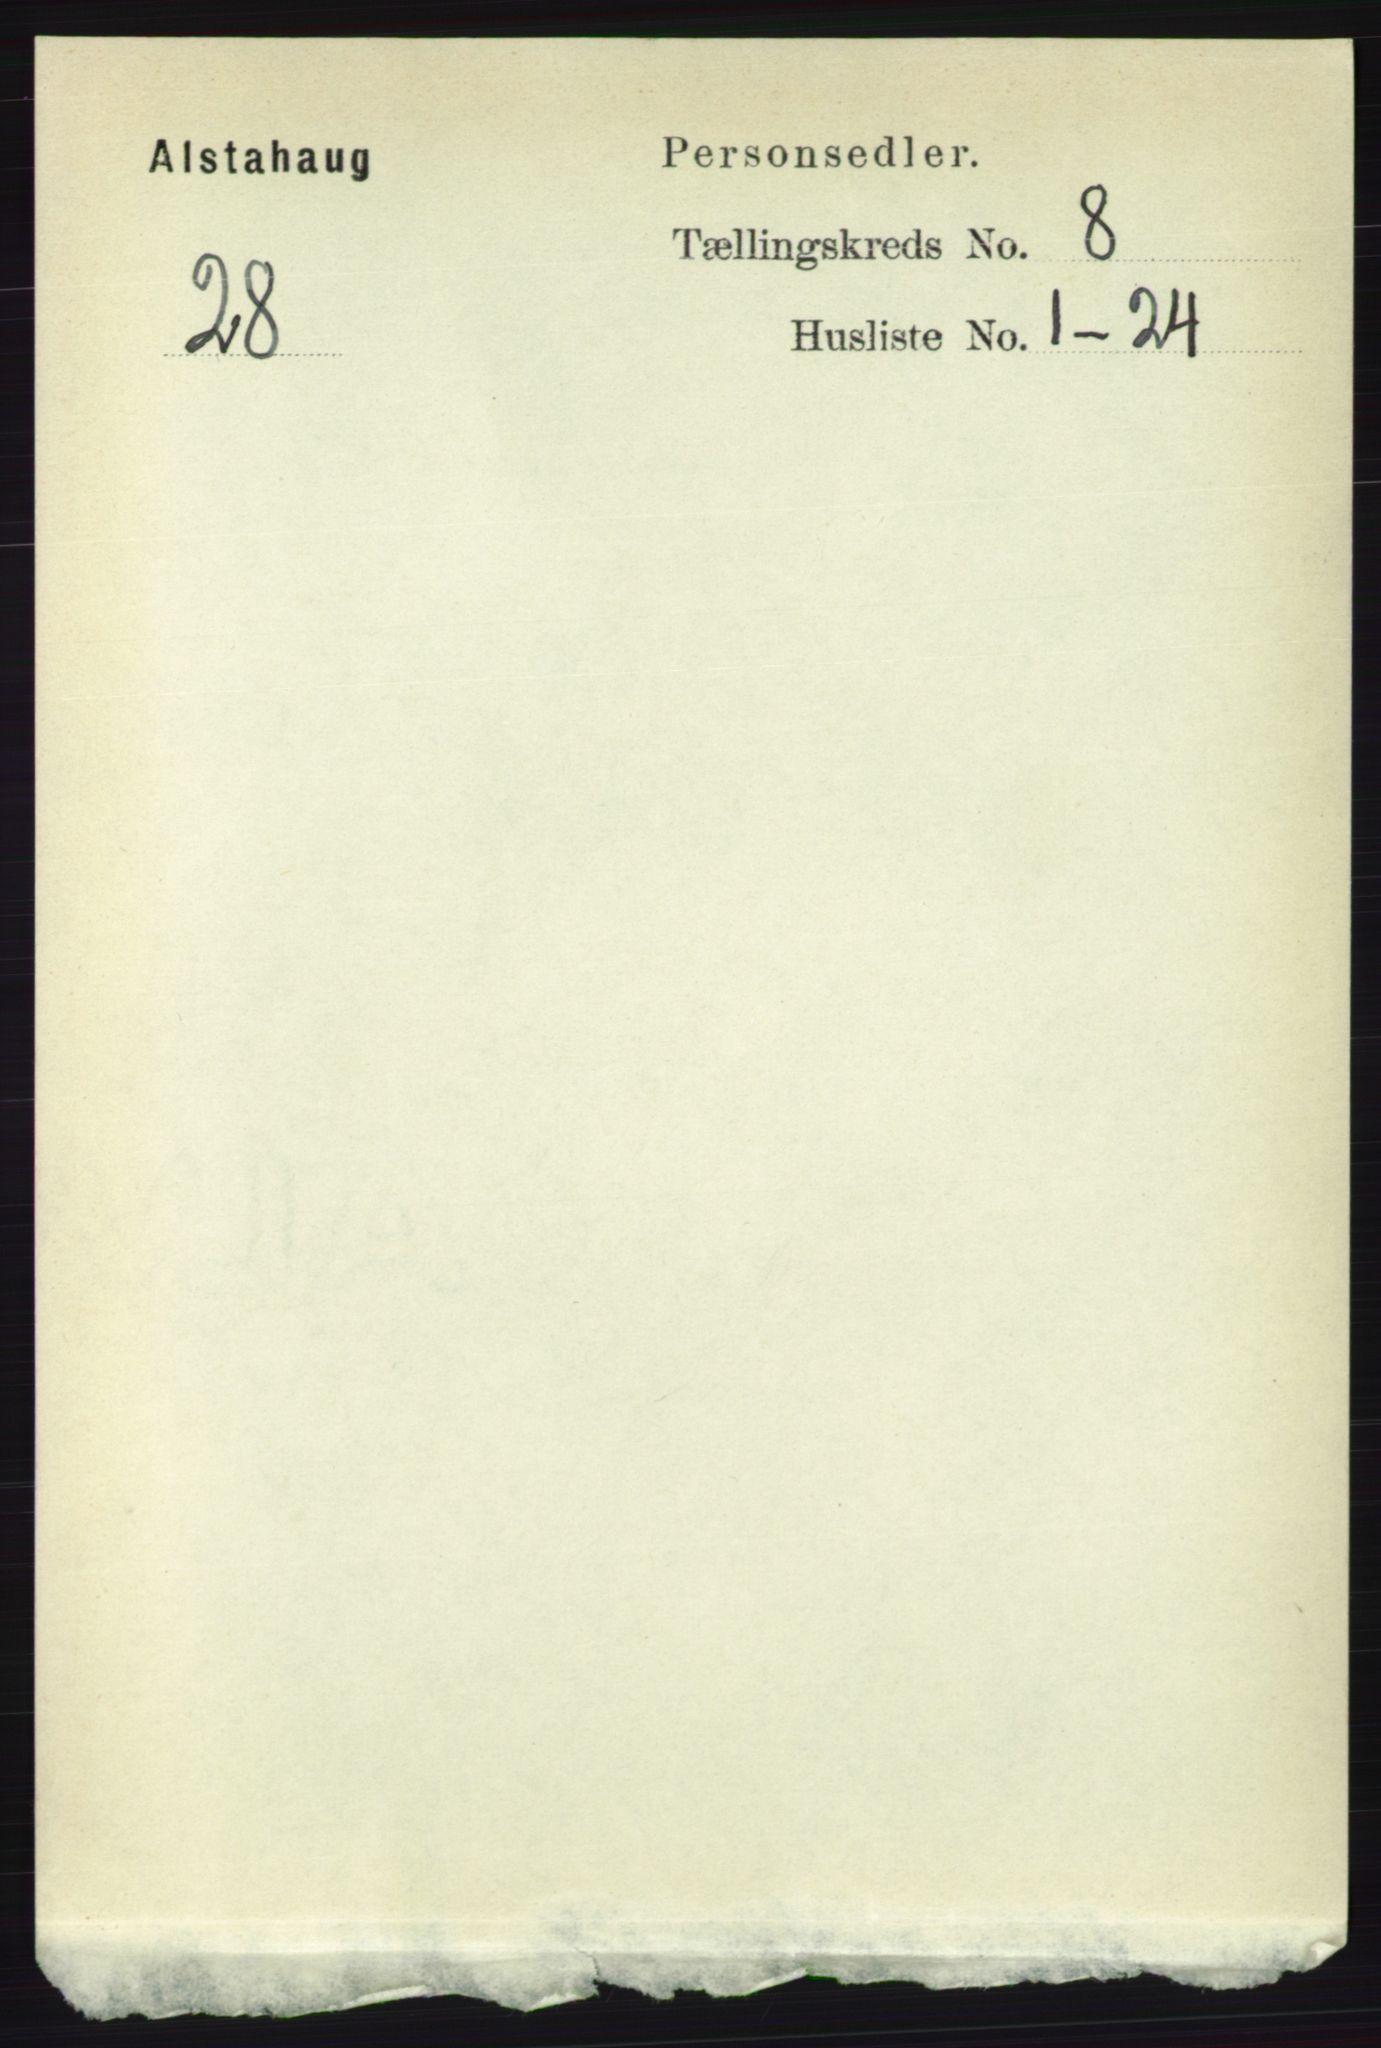 RA, Folketelling 1891 for 1820 Alstahaug herred, 1891, s. 2904